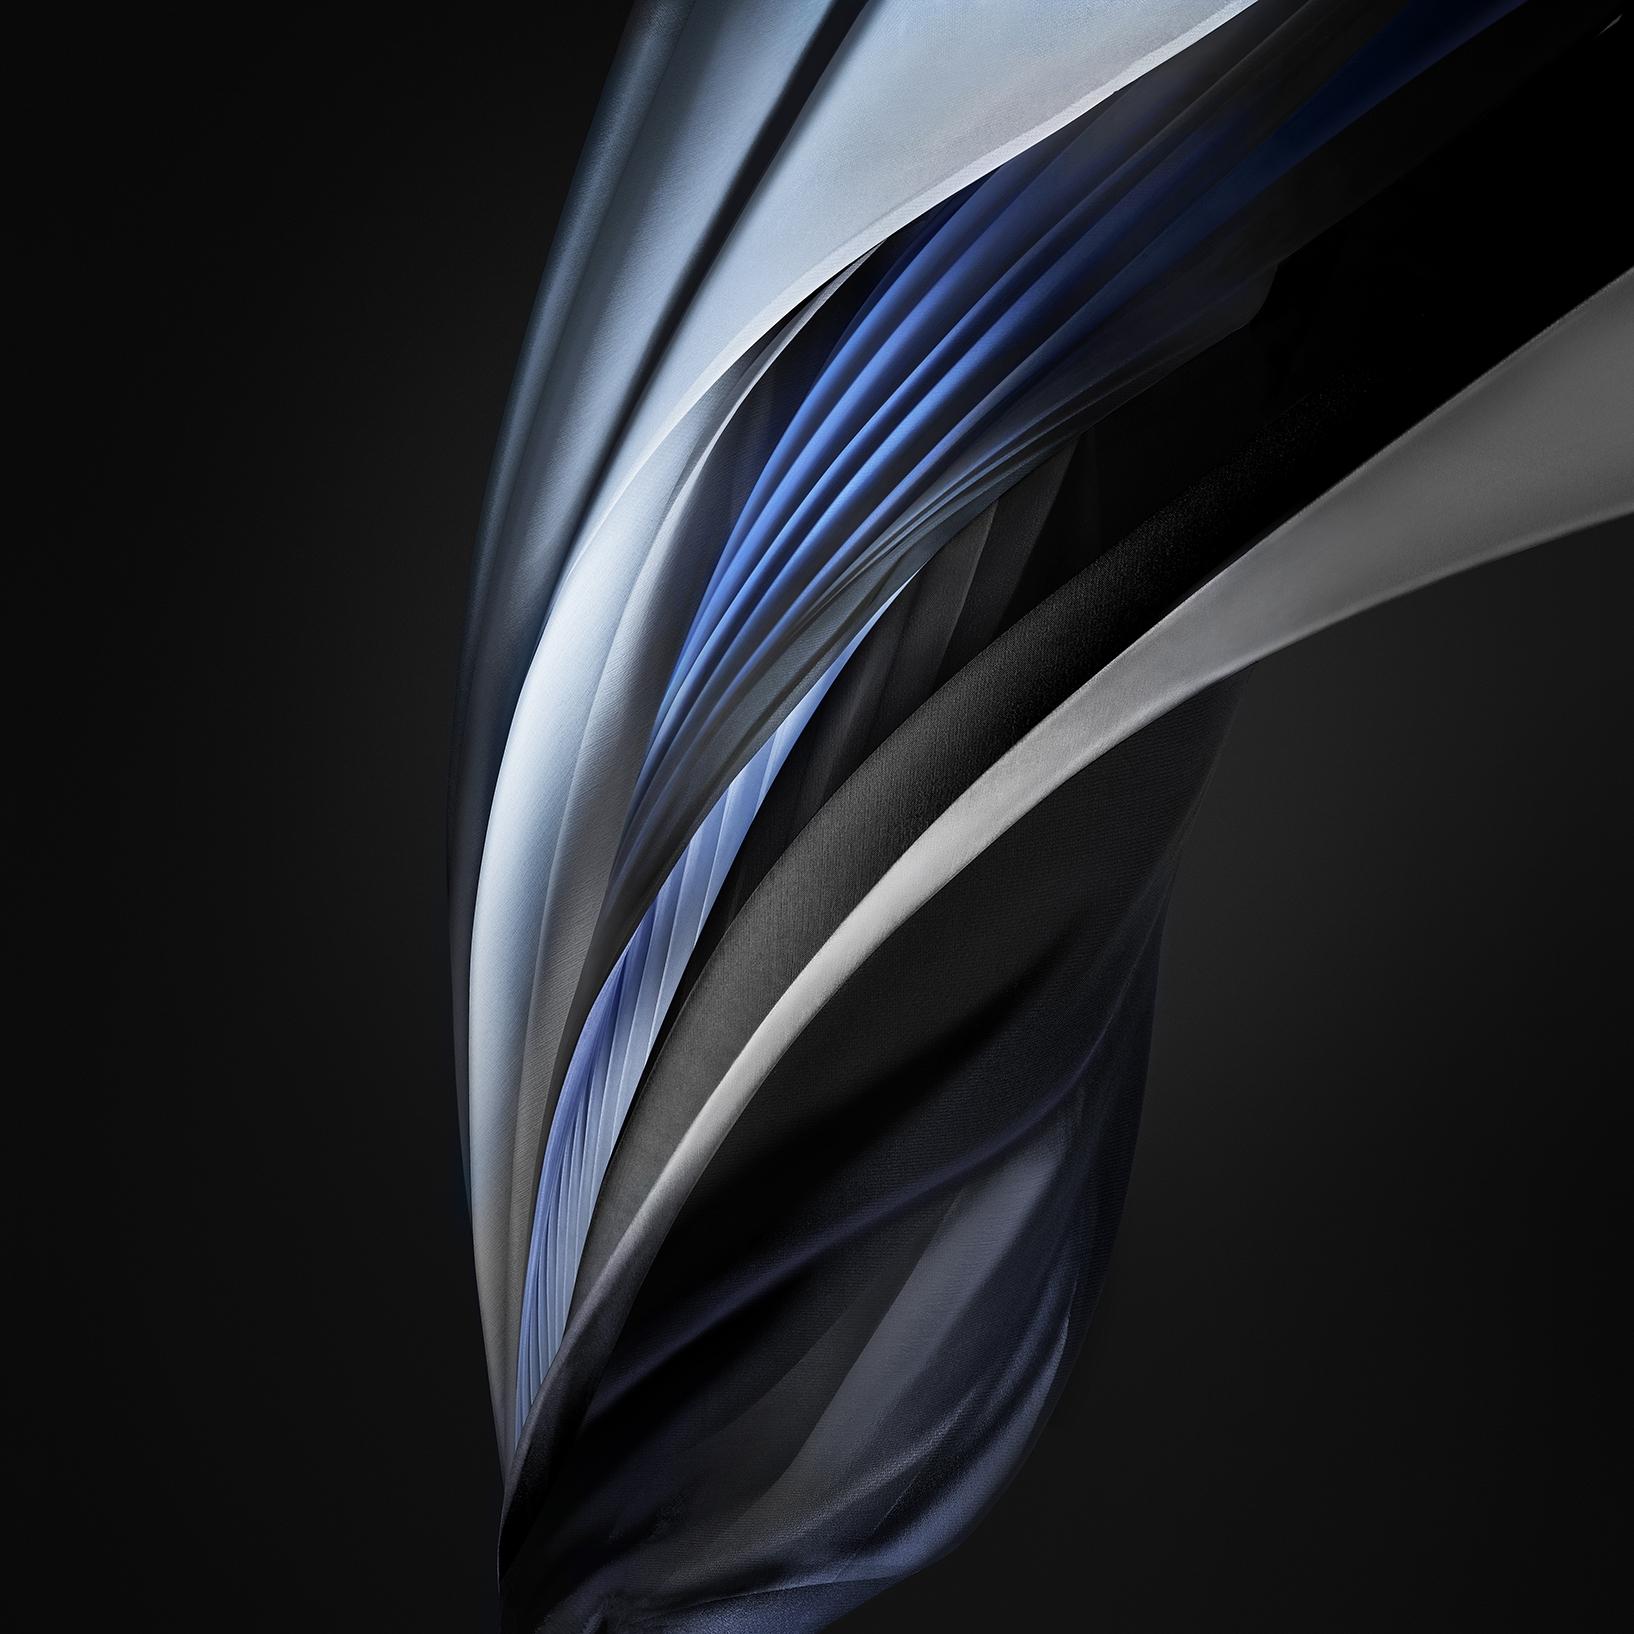 Wallpapers For Iphone Se: แจกฟรี Wallpaper ชุดใหม่ของ IPhone SE 2020 ดาวน์โหลดครบทุก